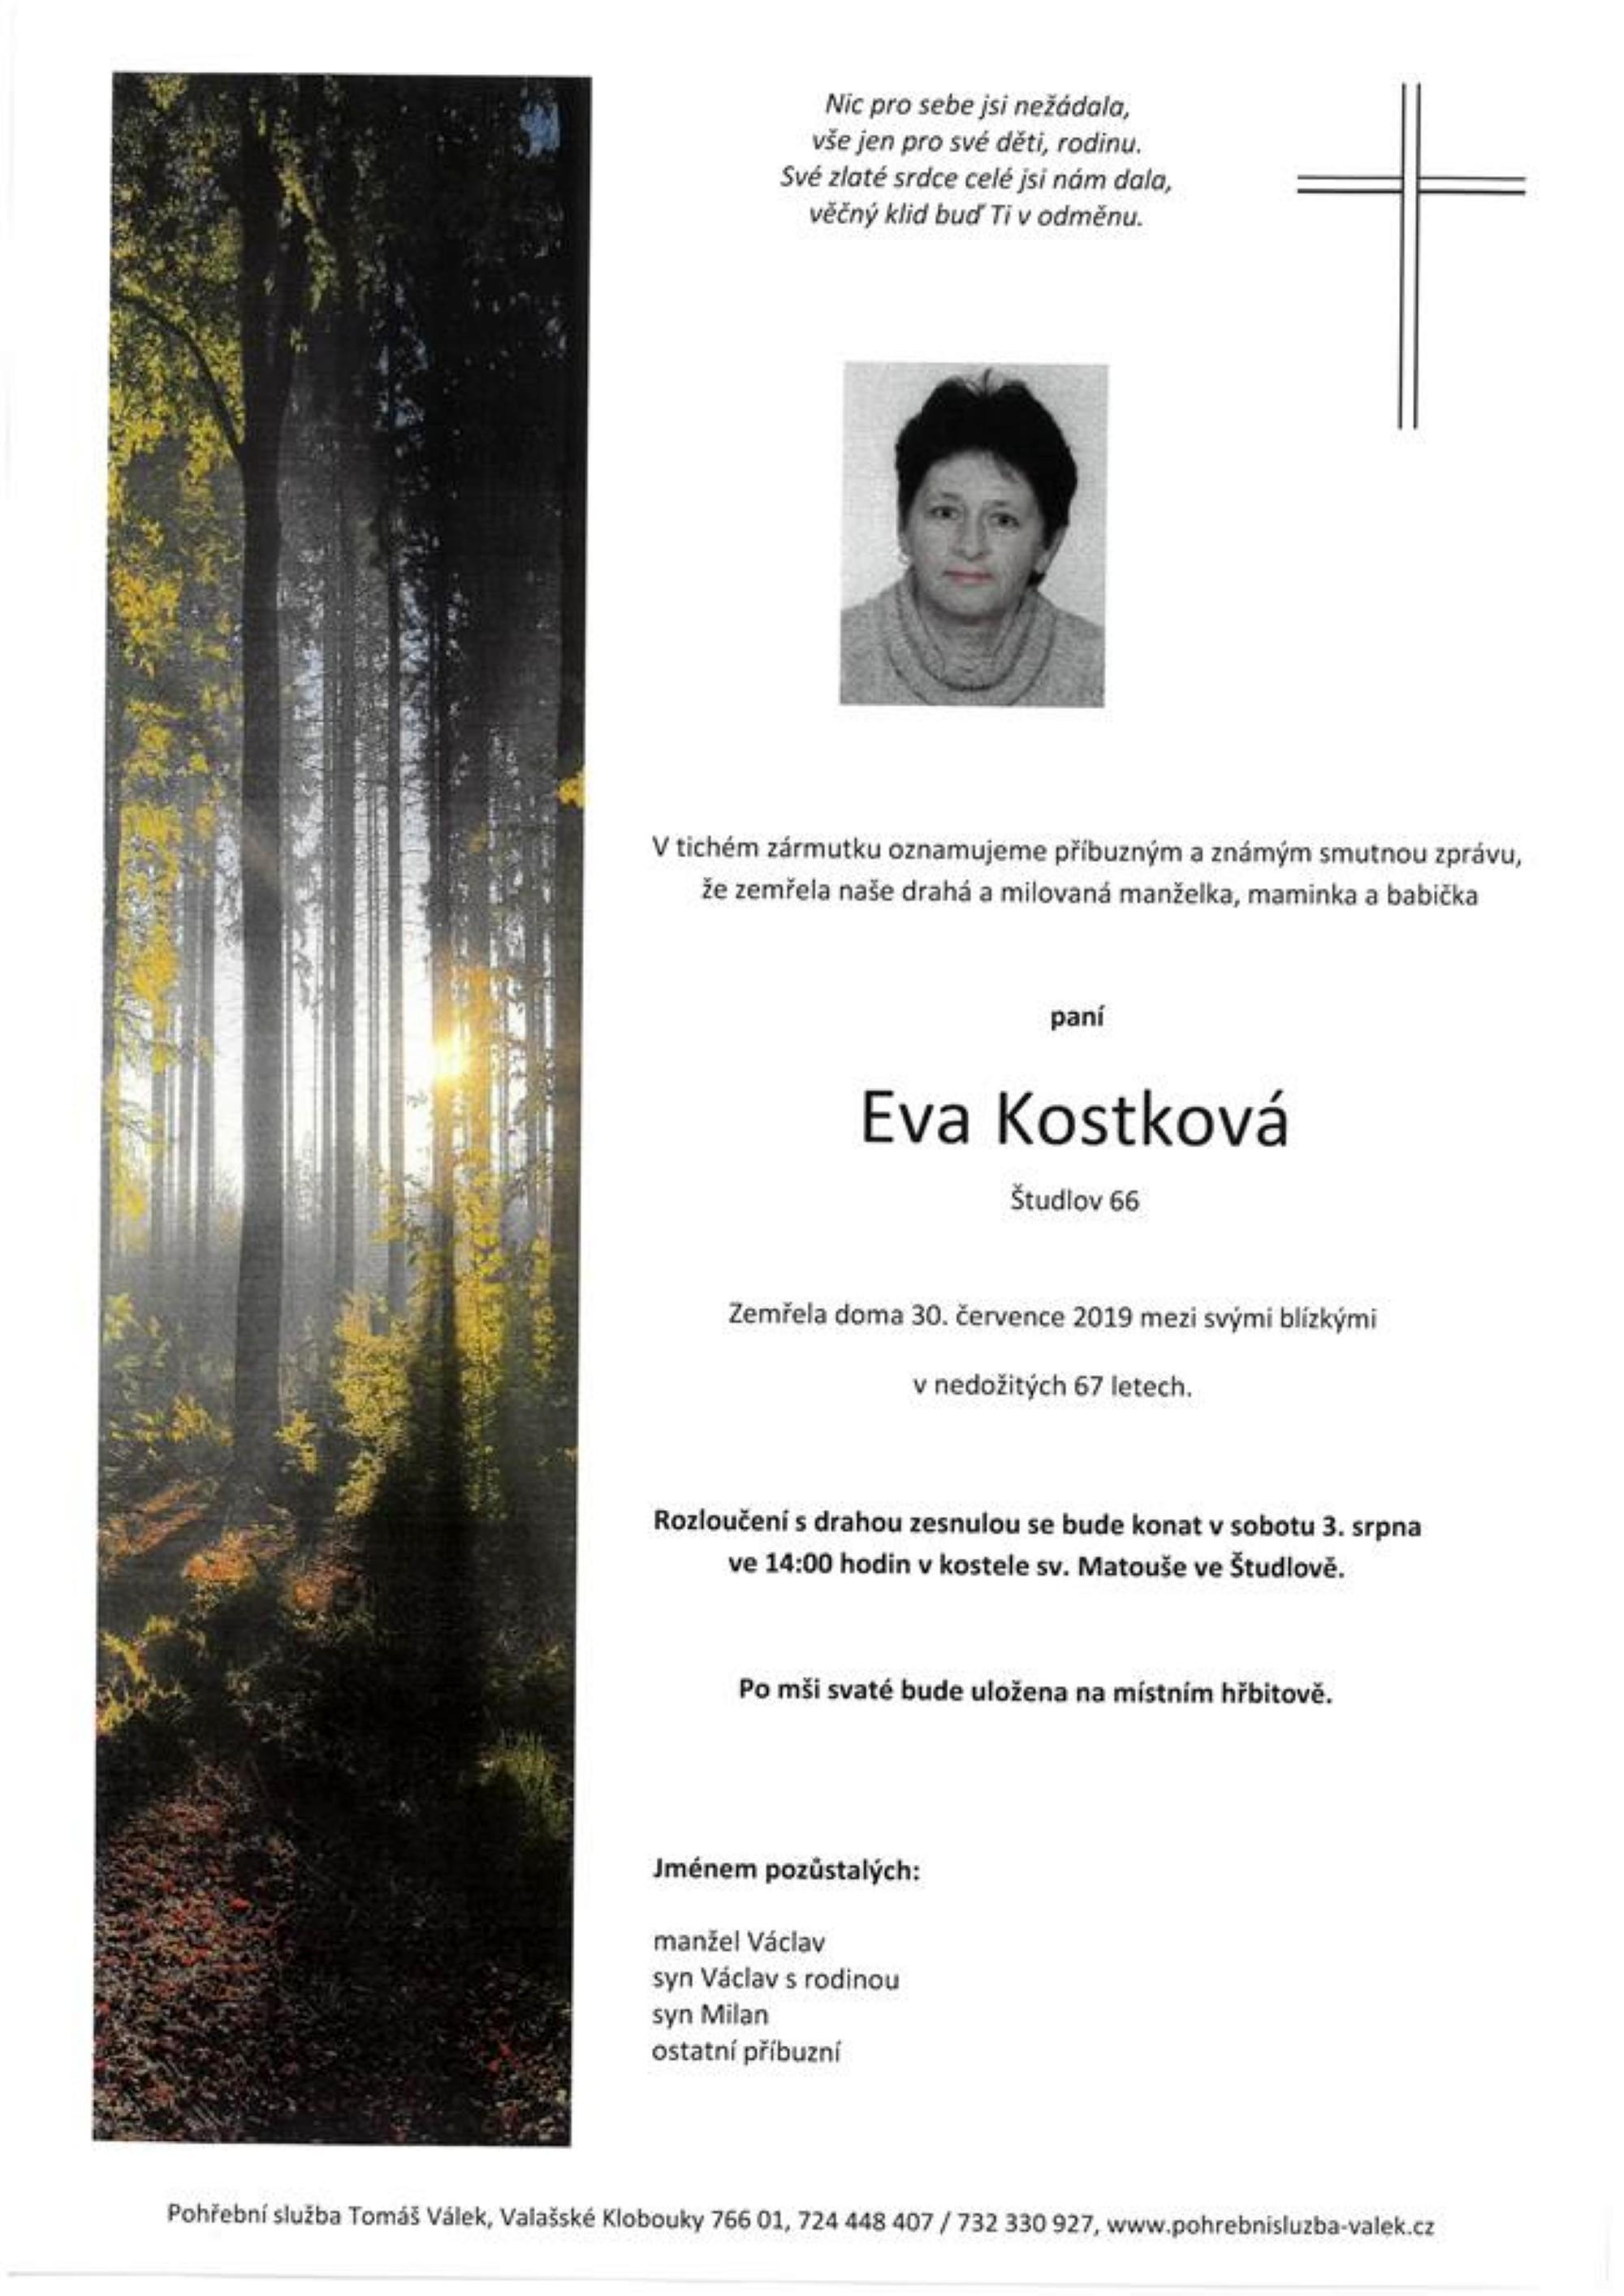 Eva Kostková